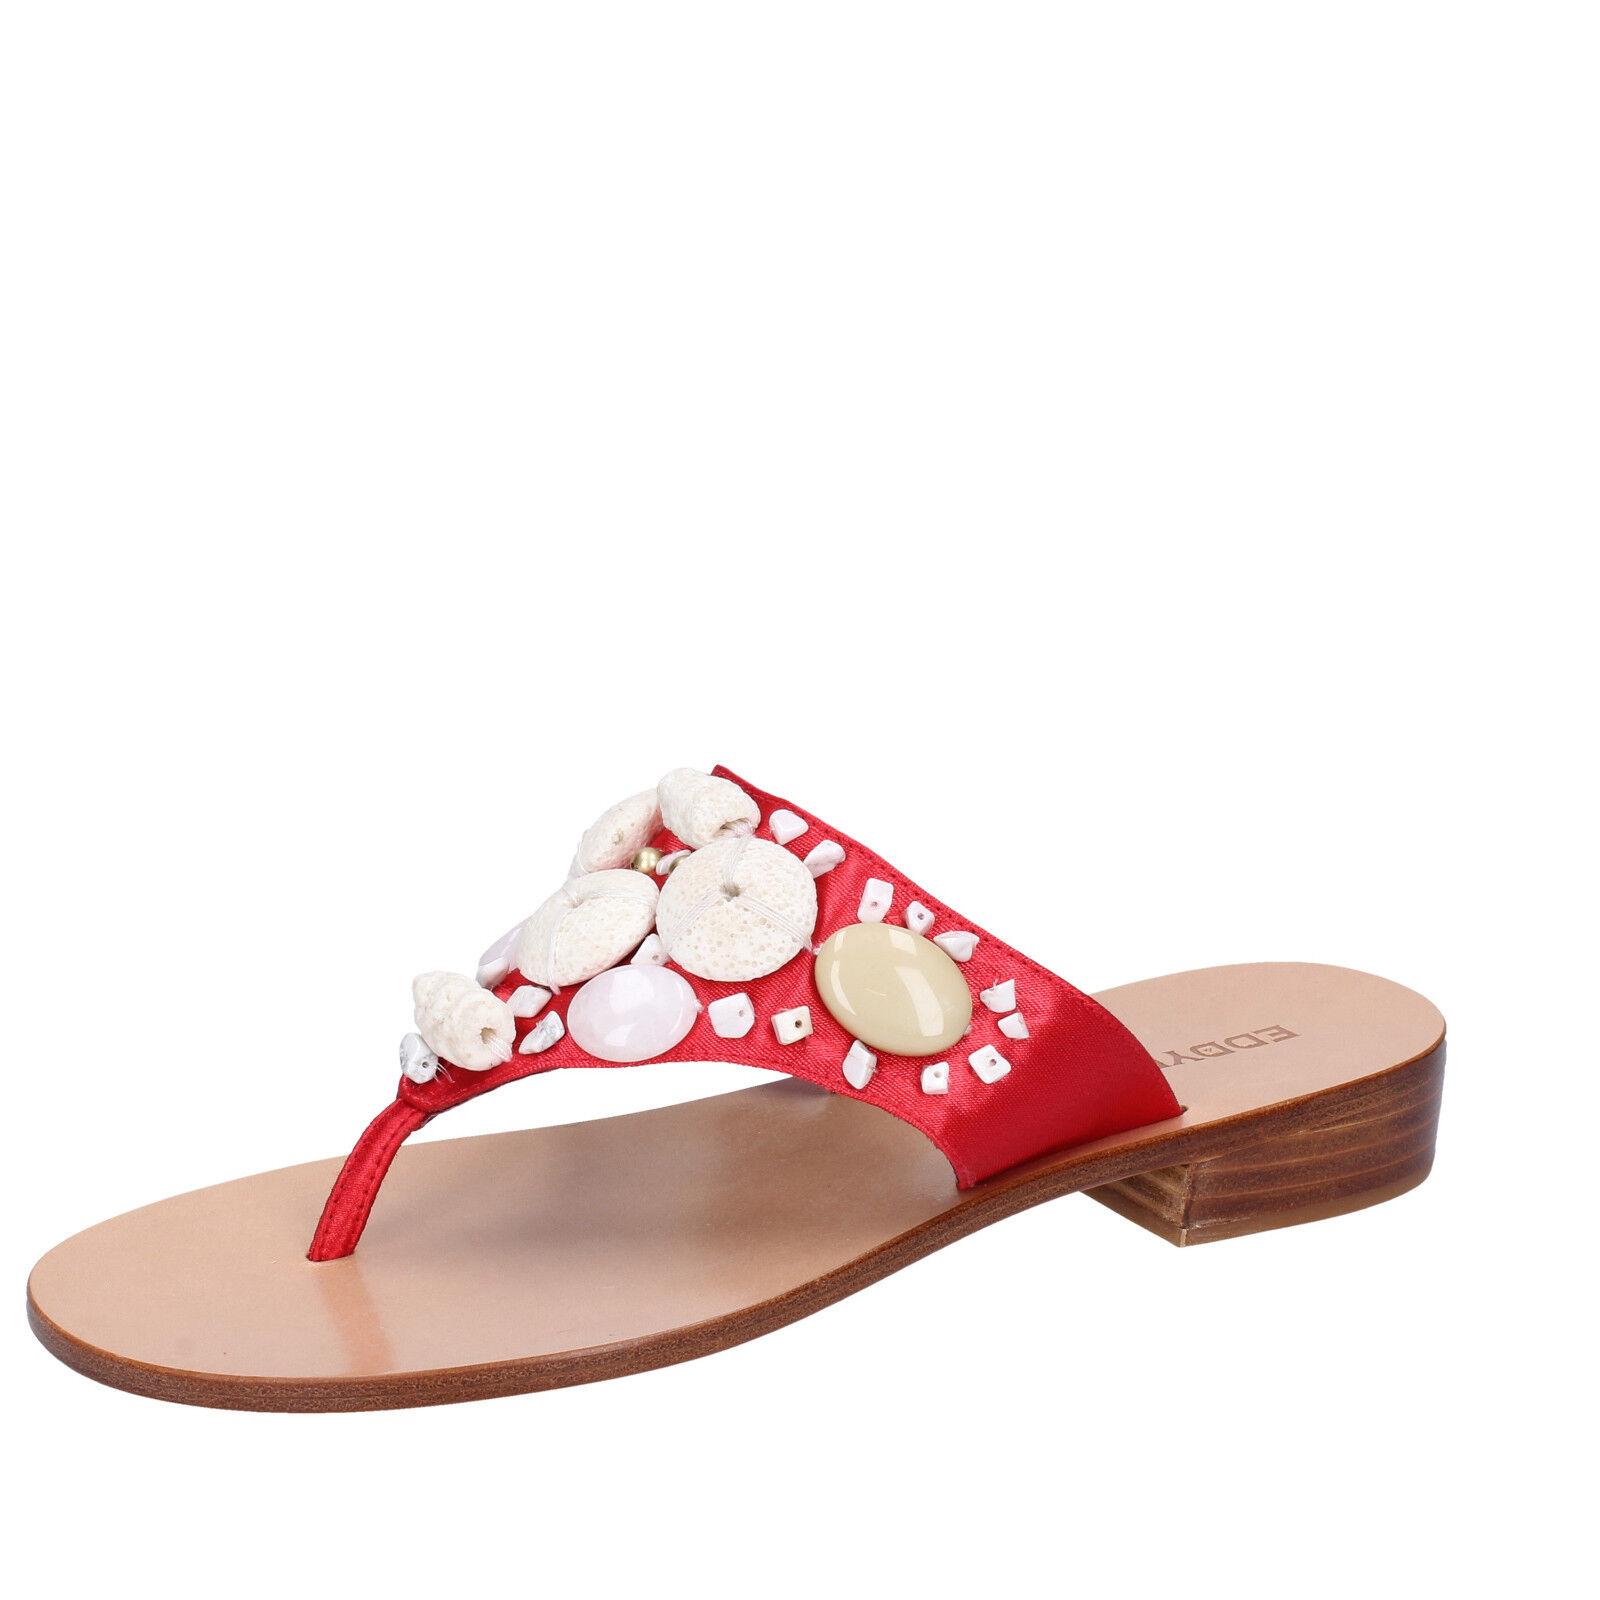 Para mujeres Zapatos Eddy Daniele 7 () Sandalias Satén Rojo AW375-37